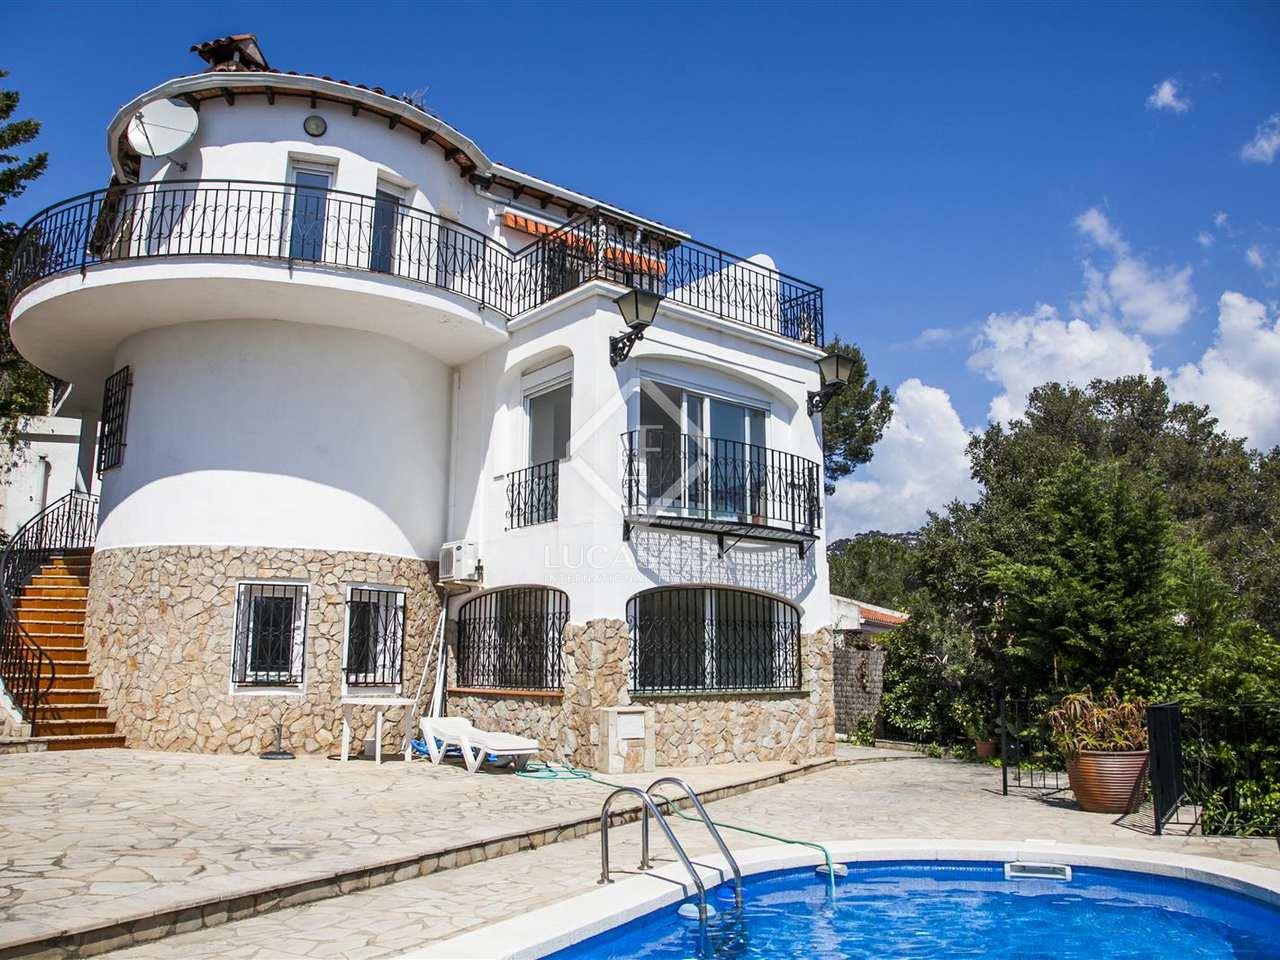 Maison villa de 210m a vendre lloret de mar tossa for Location maison lloret del mar avec piscine